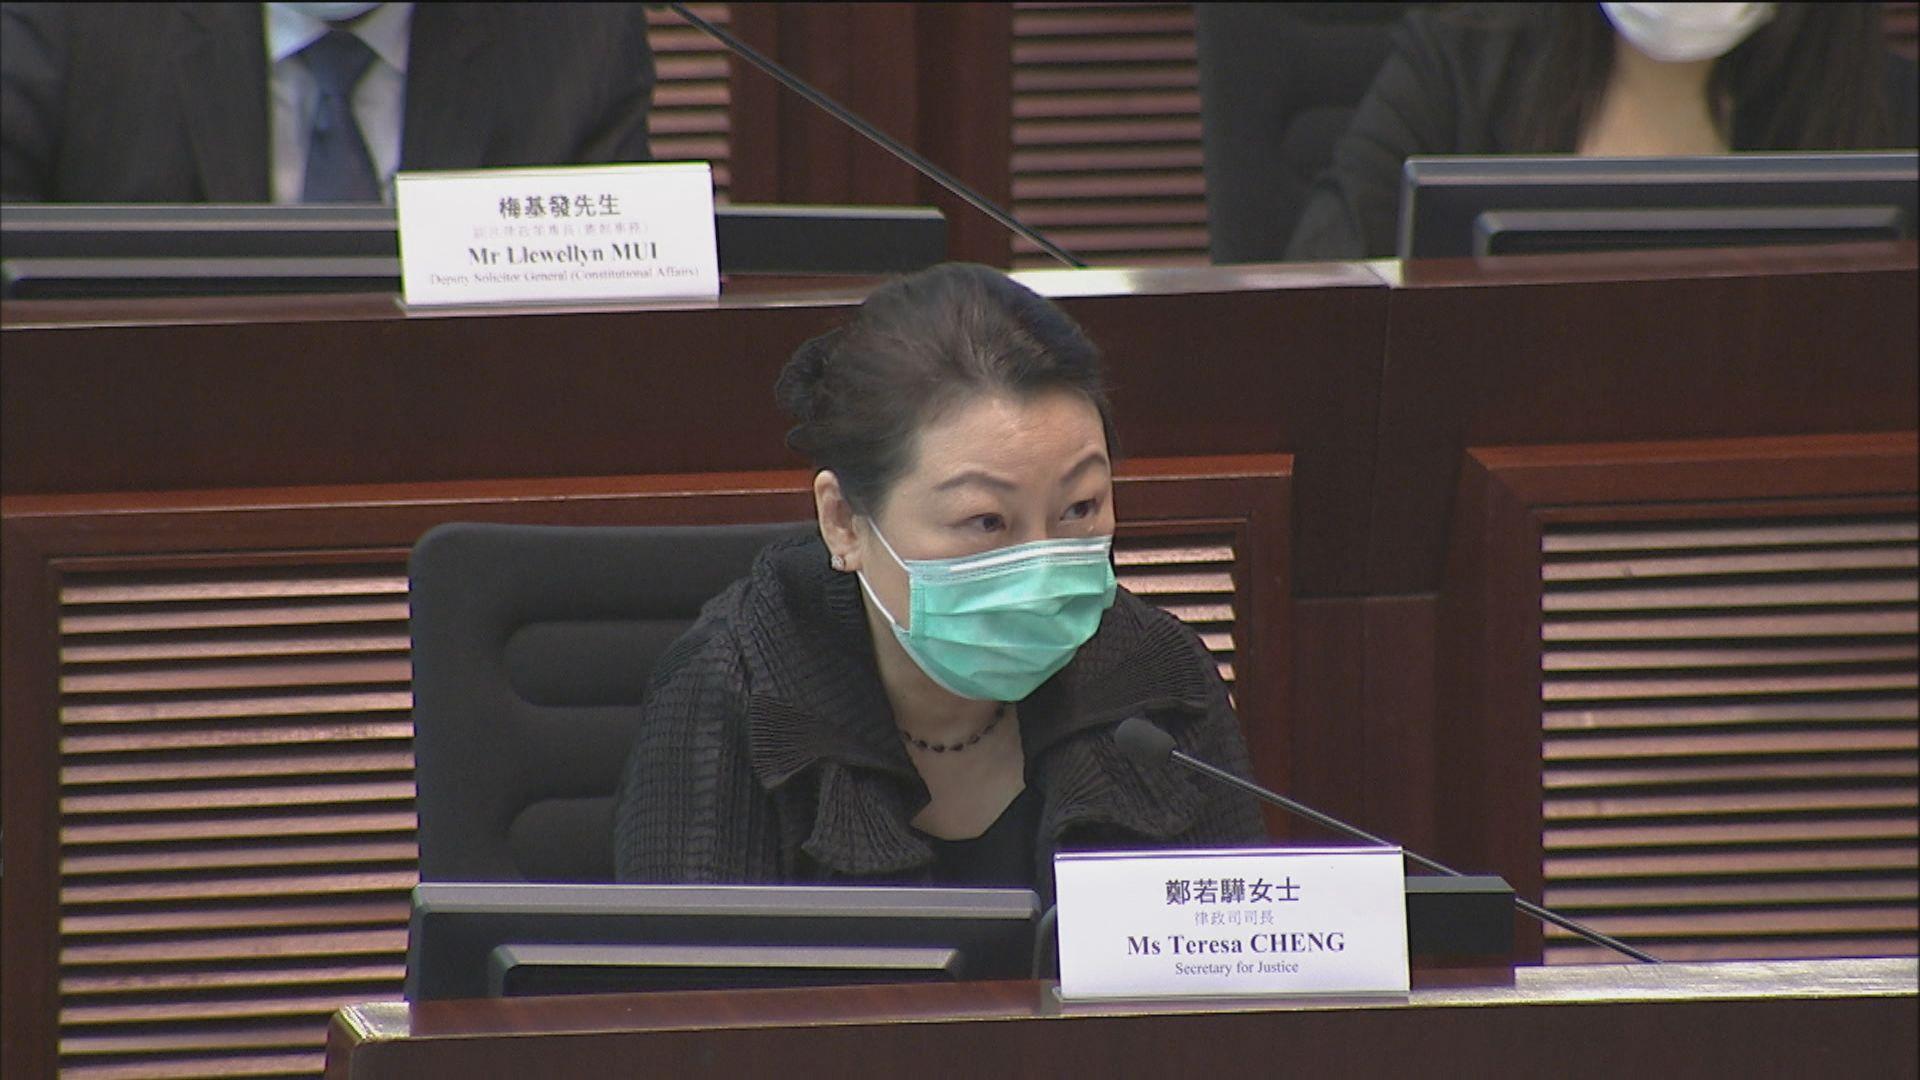 鄭若驊:若因特權而不受檢控違反法律面前人人平等原則